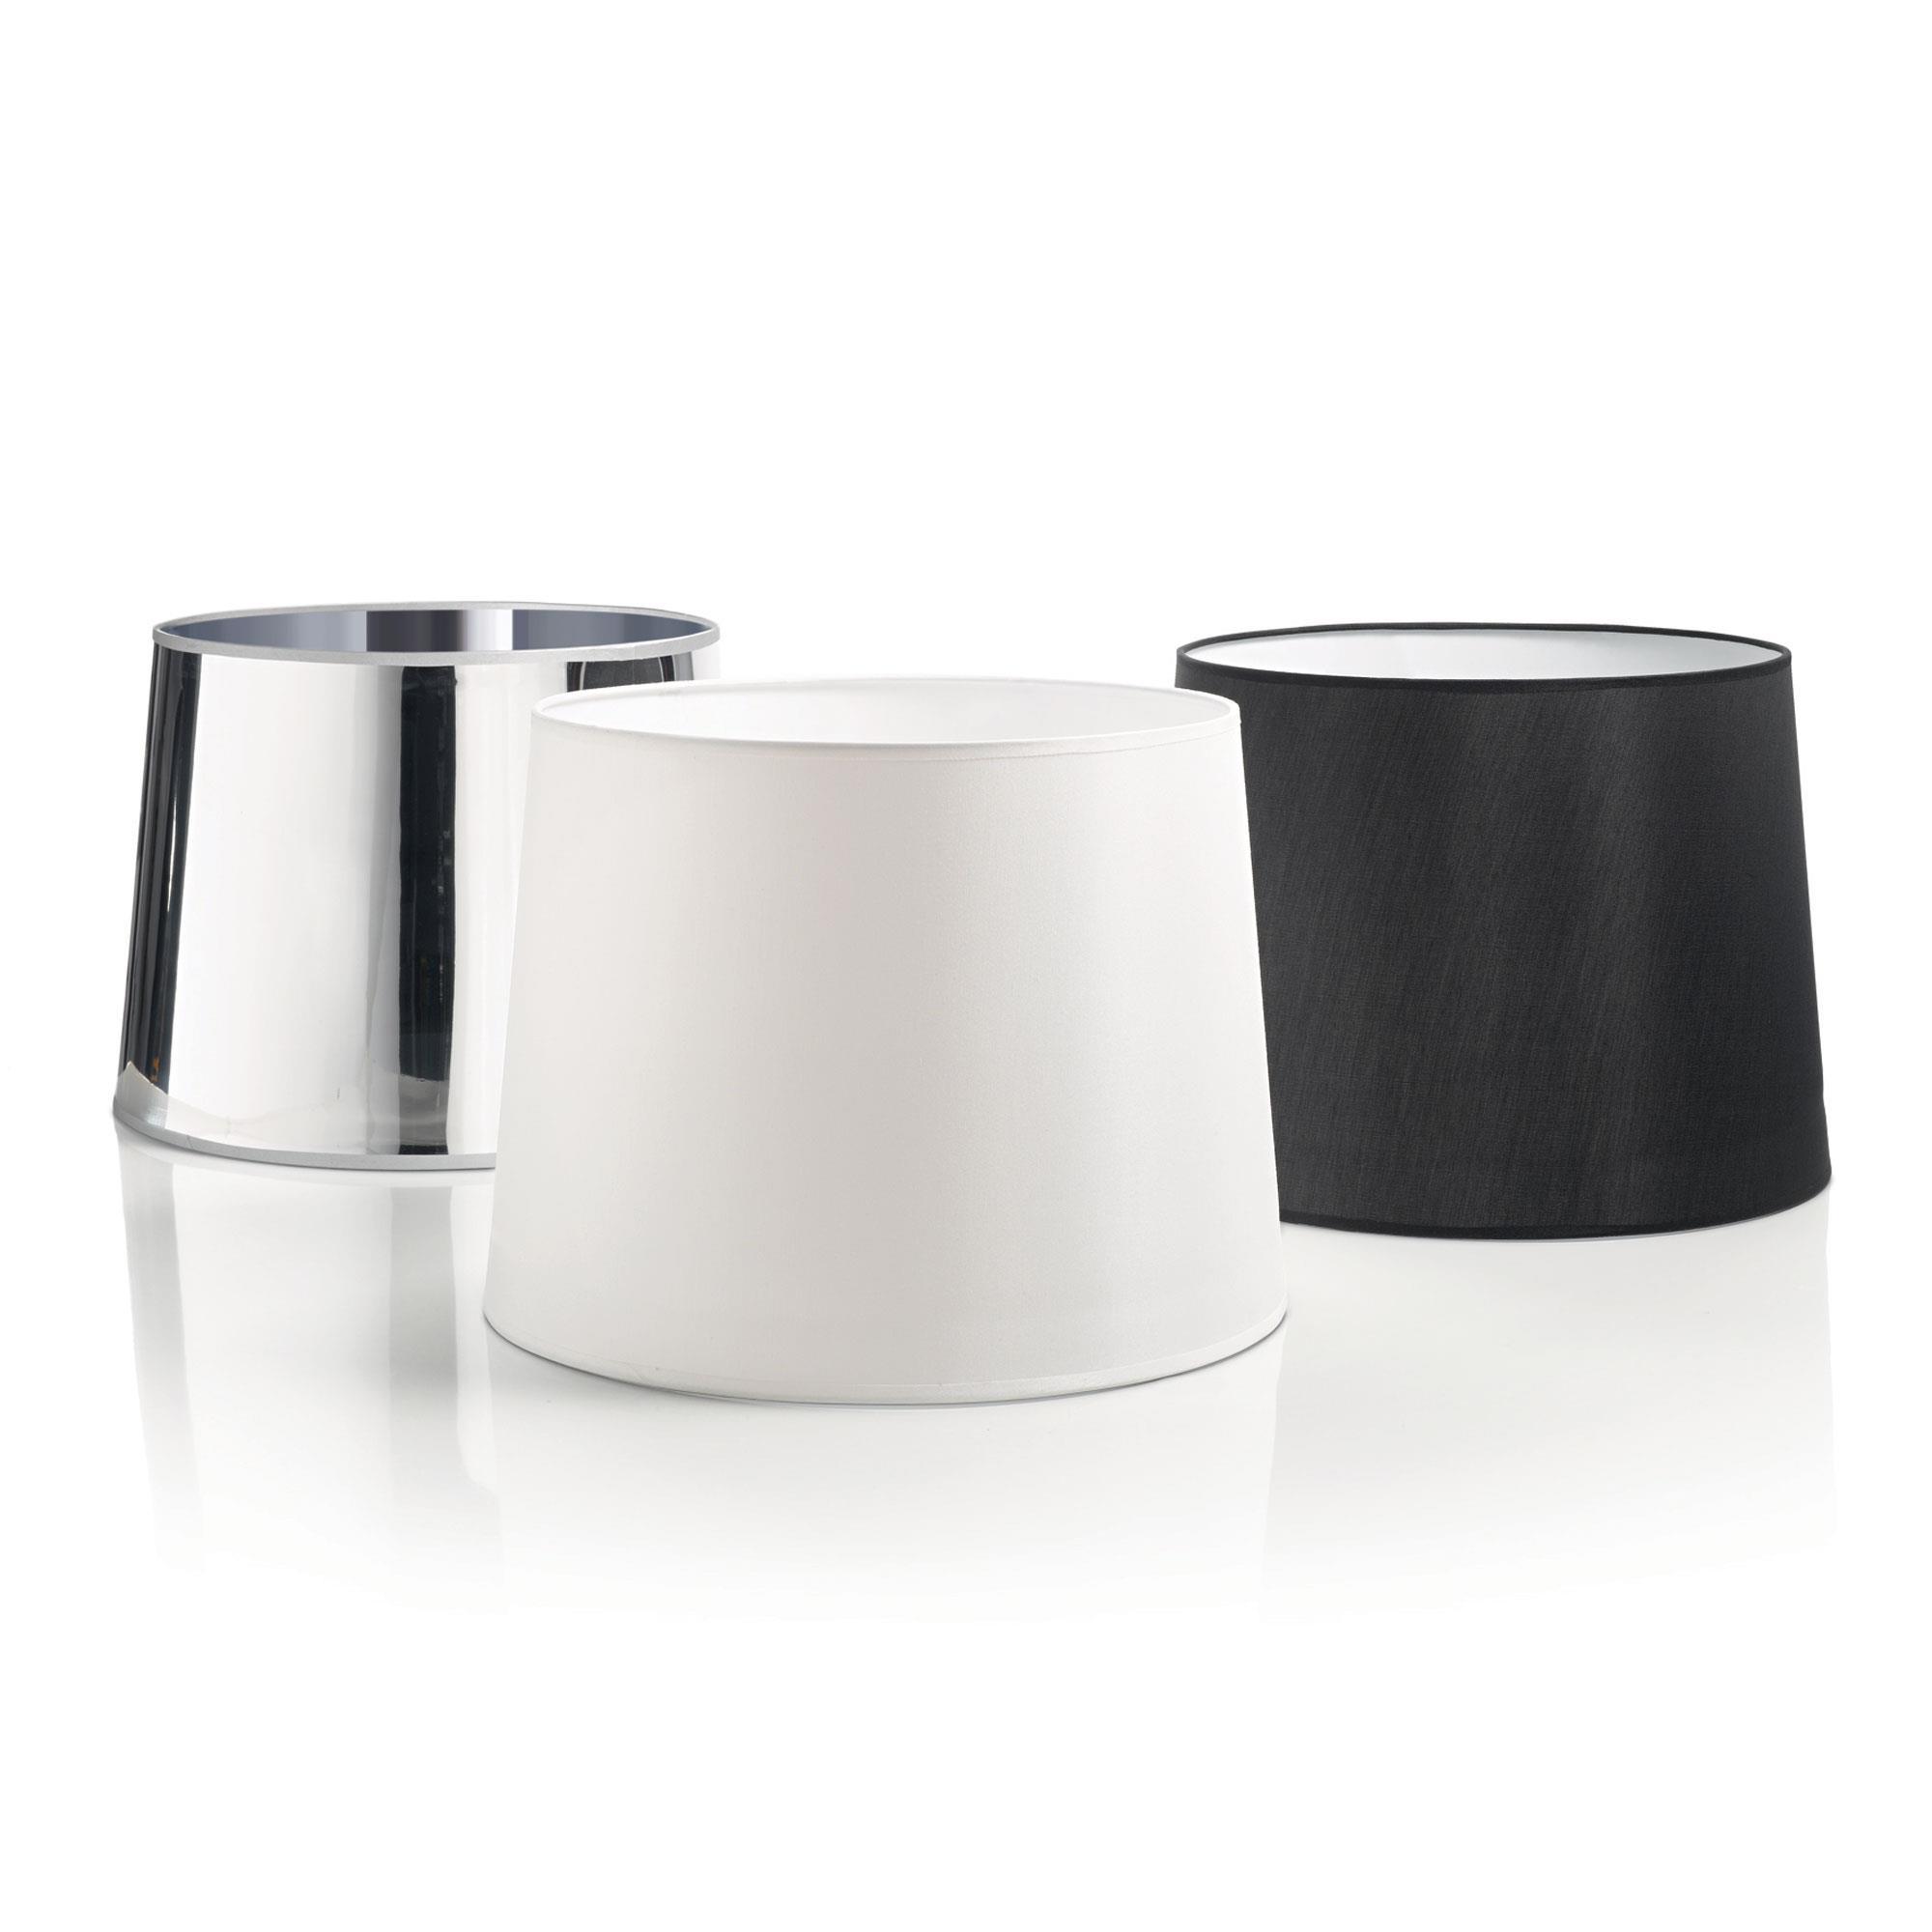 Ideal Lux 005126 Dorsale PT1 Cromo állólámpa